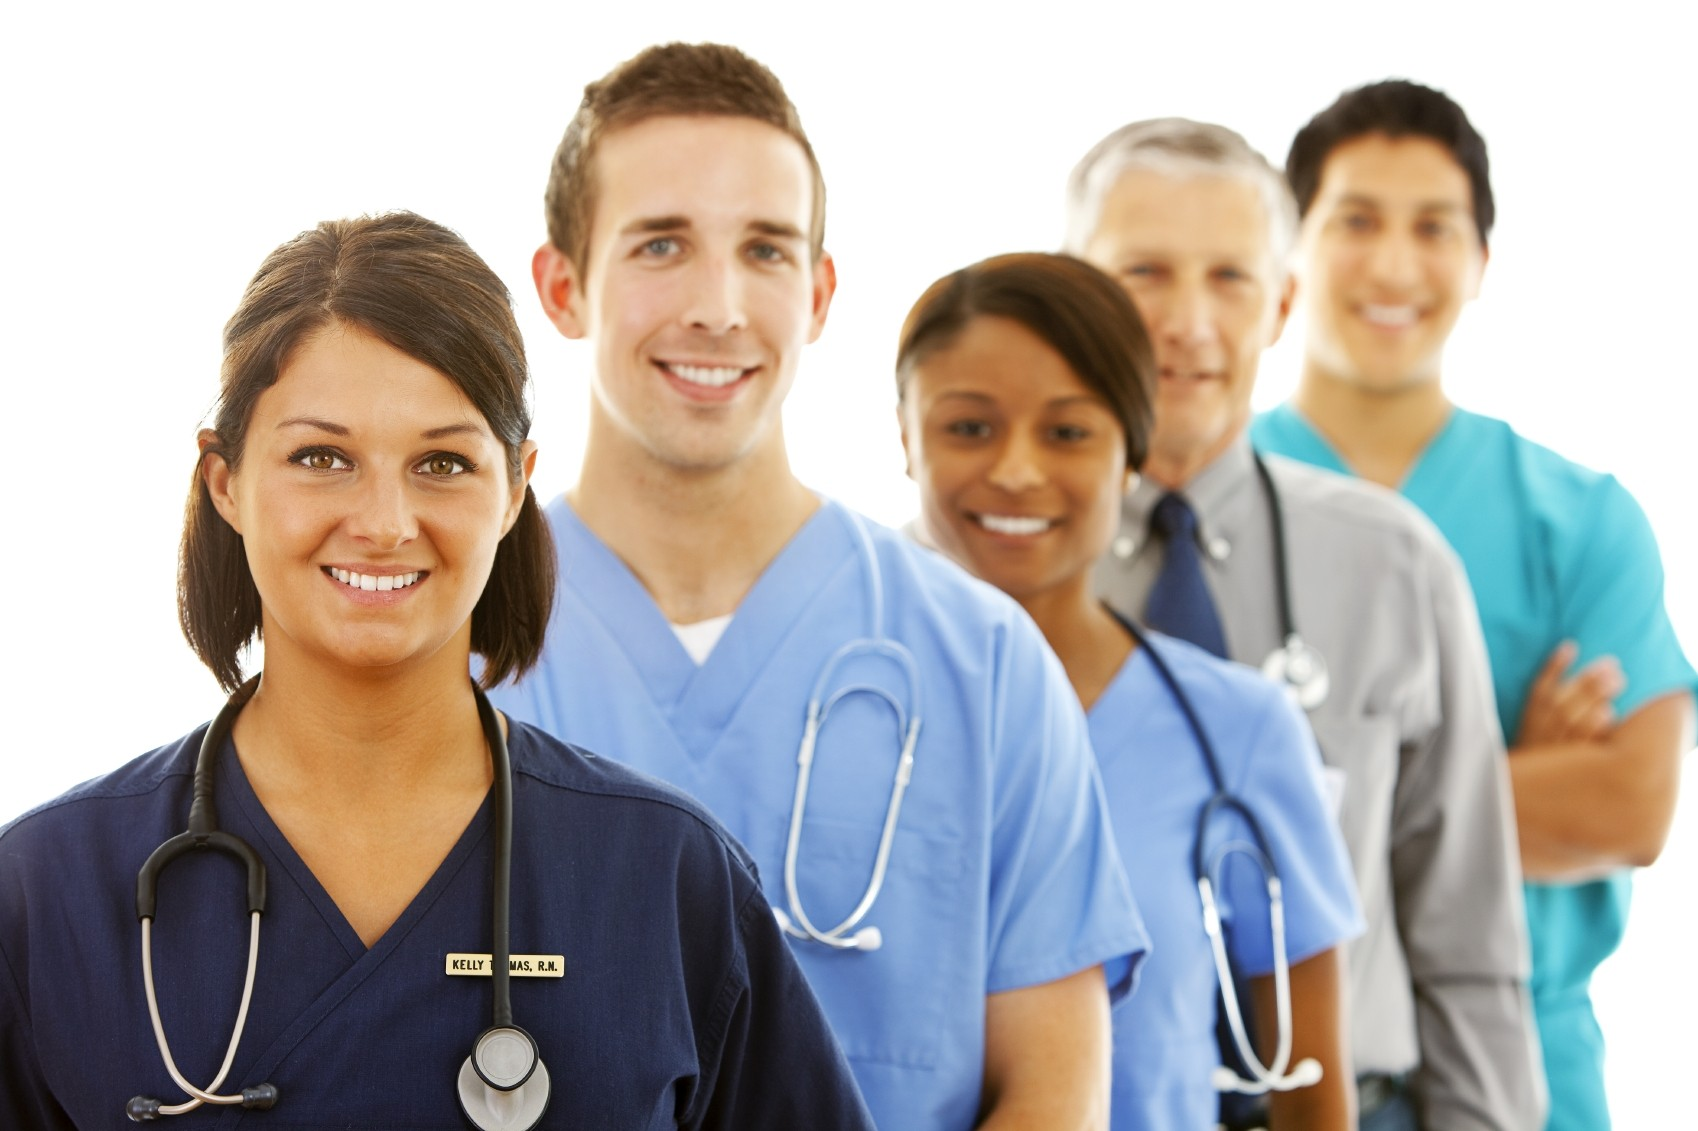 Még két hétig lehet jelentkezni az ápolói ösztöndíjakra